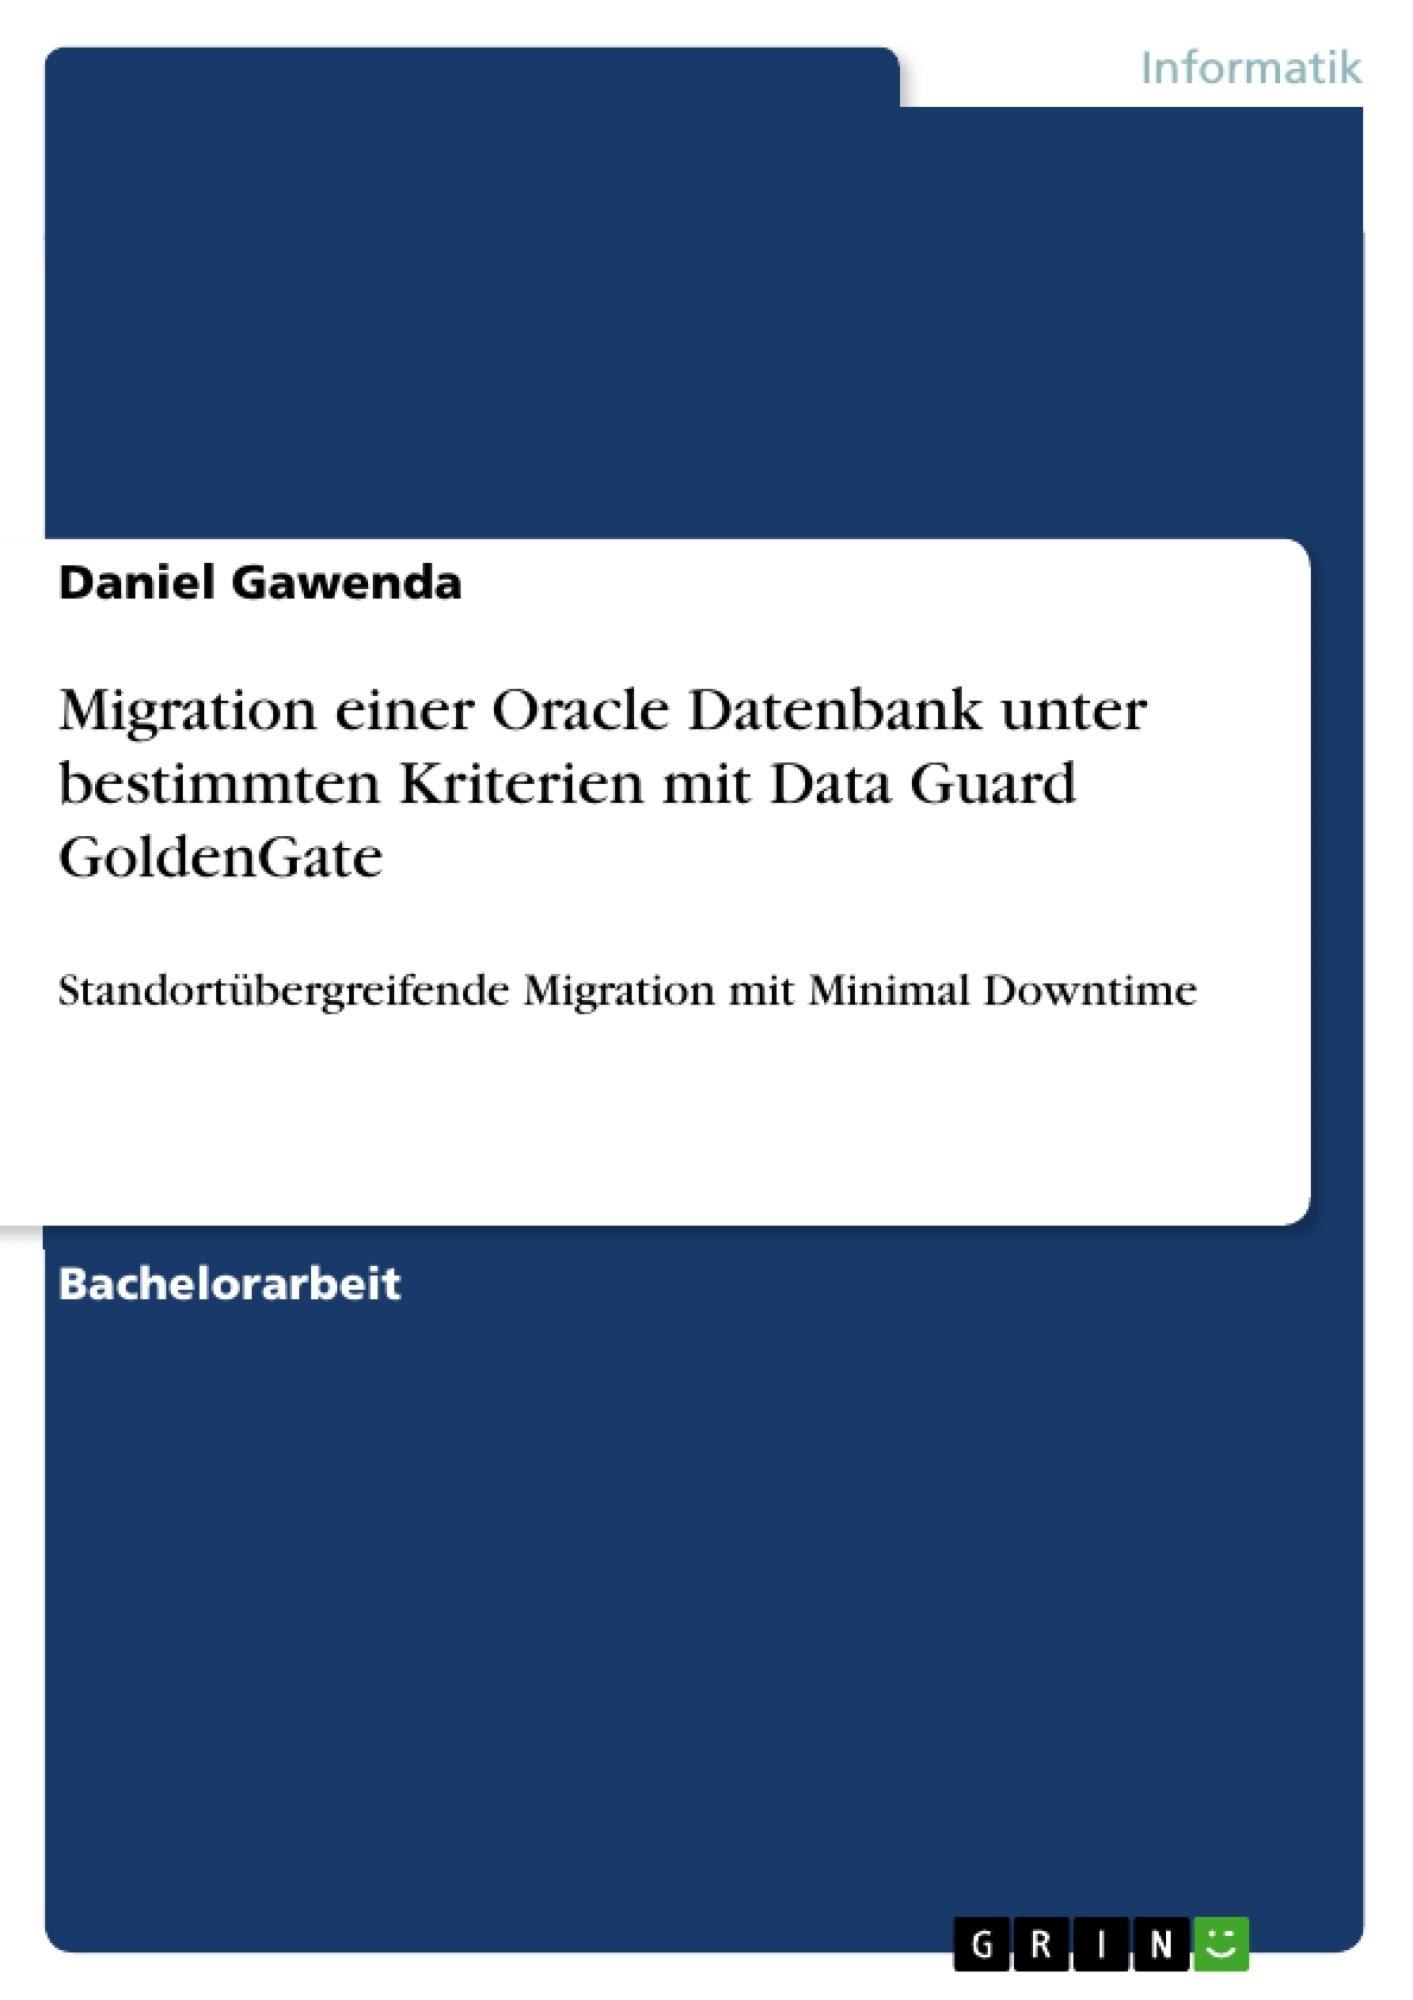 Titel: Migration einer Oracle Datenbank unter bestimmten Kriterien mit Data Guard GoldenGate